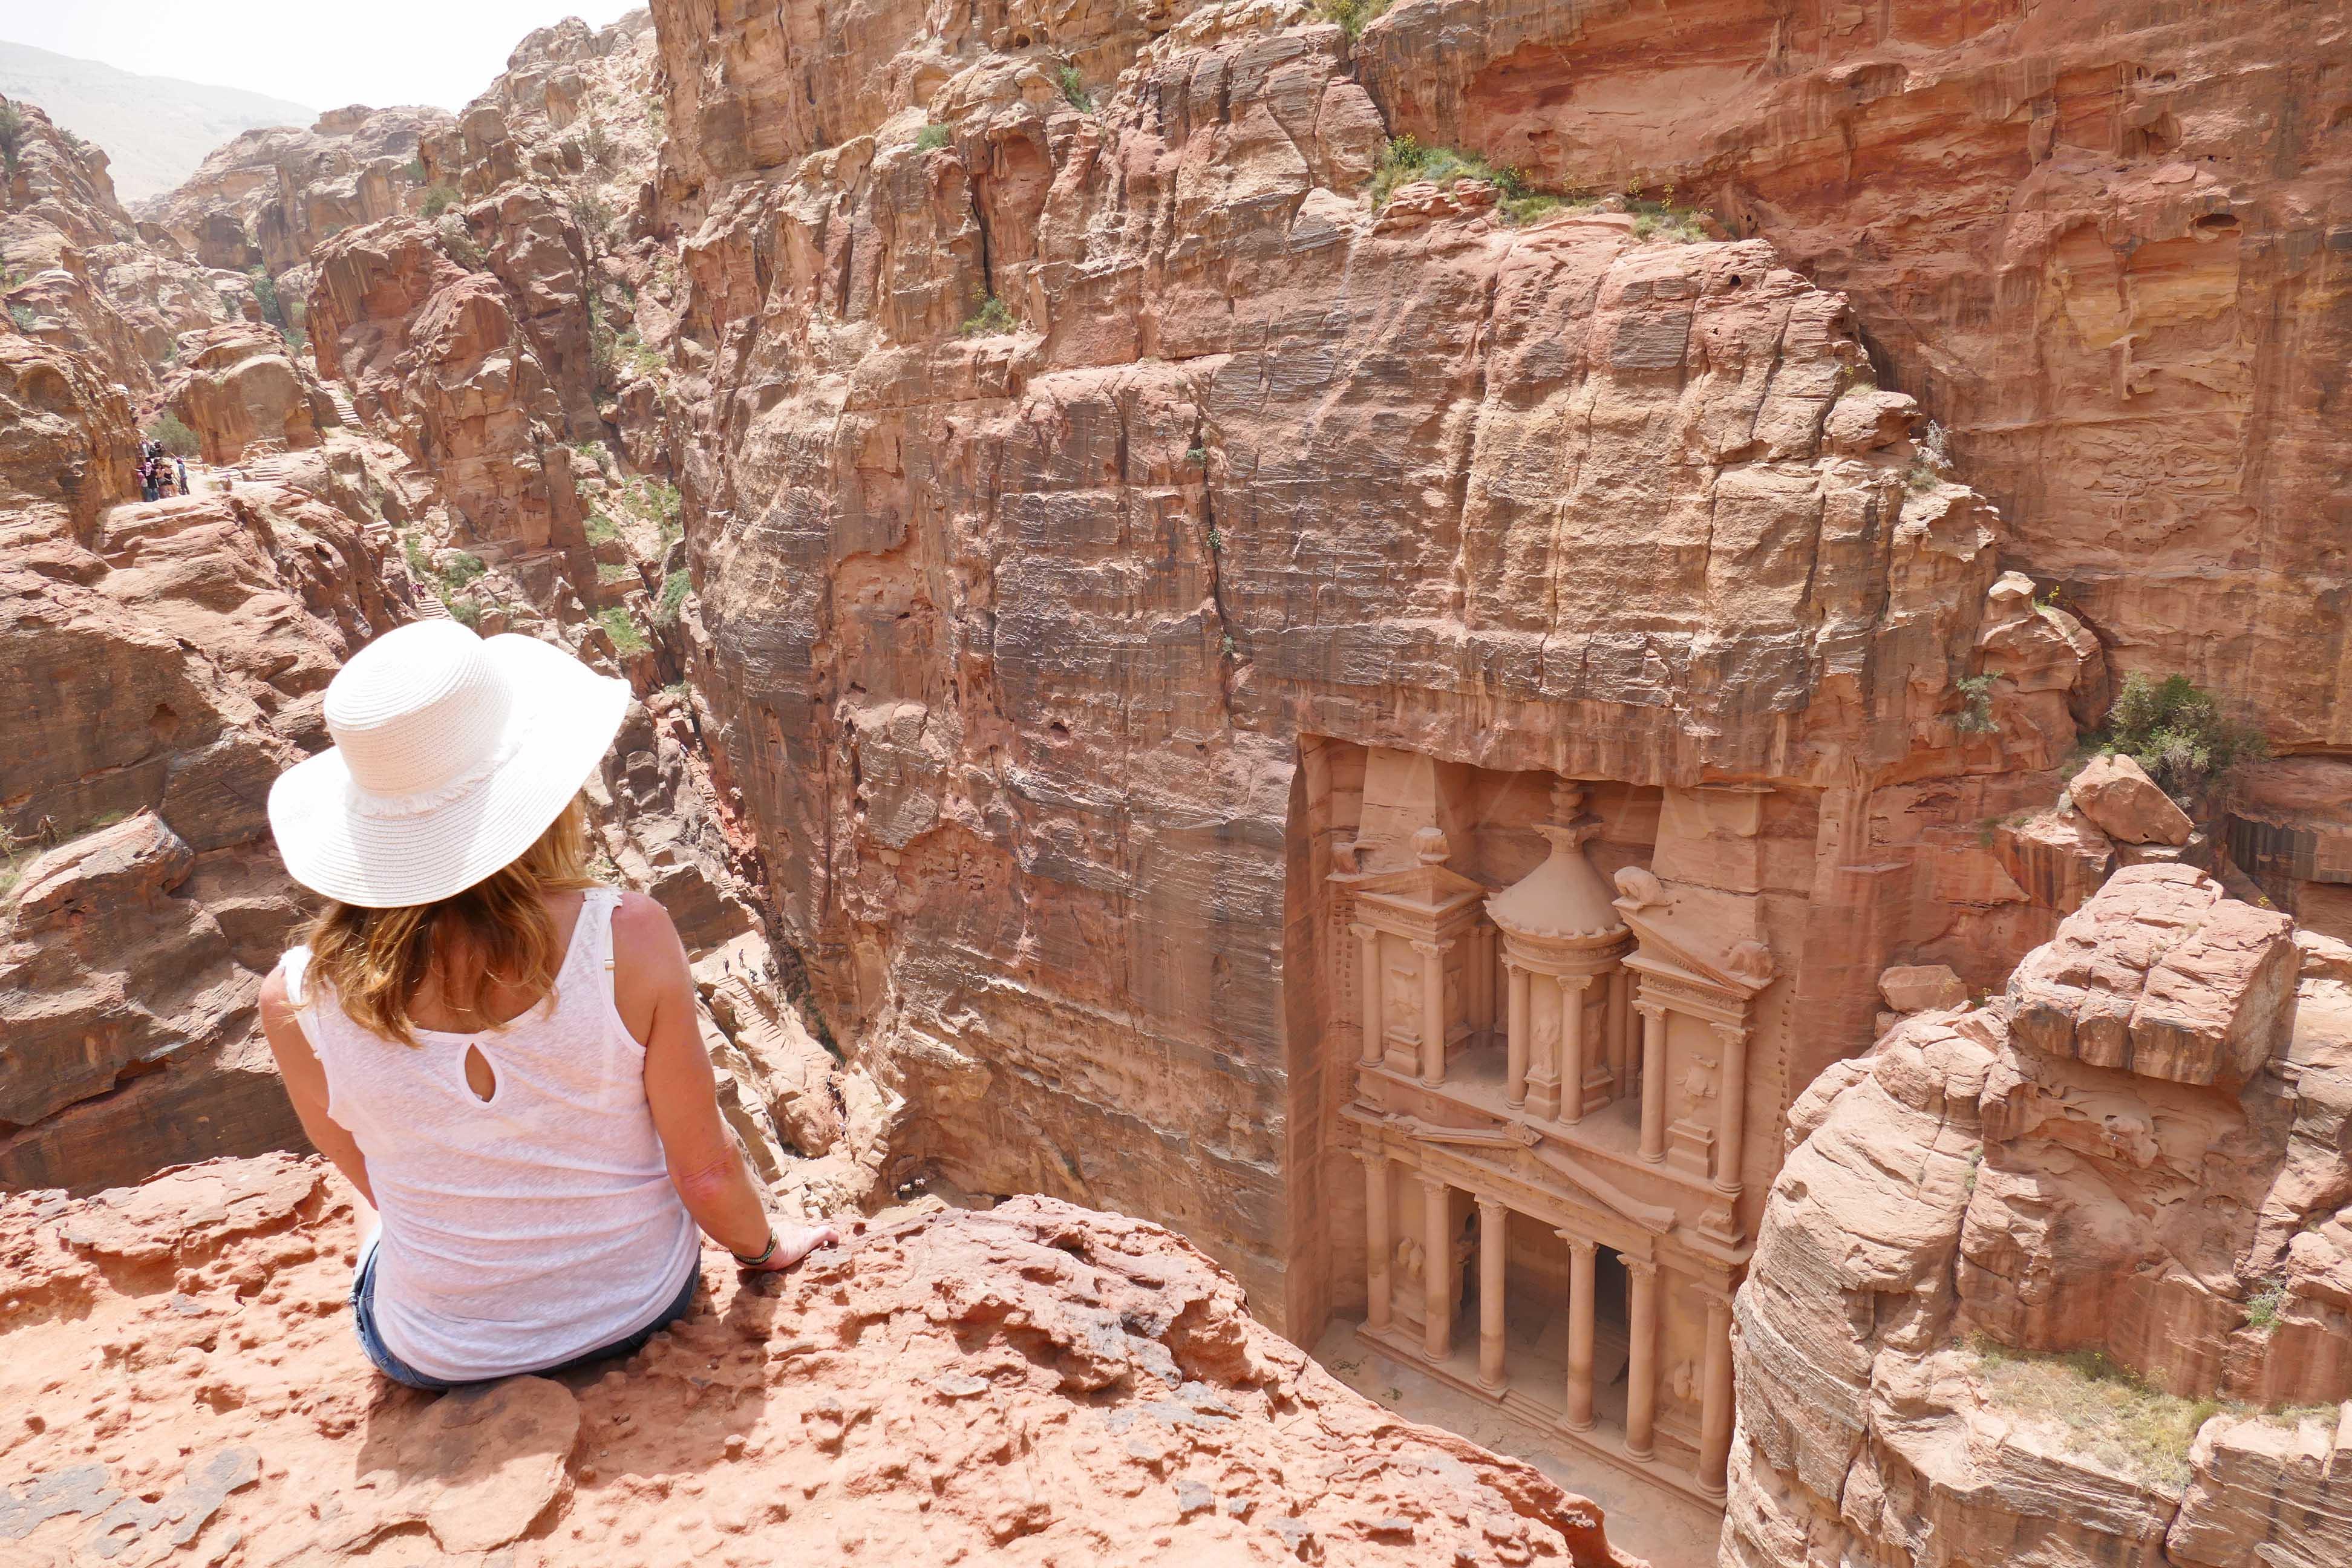 Pétra, le joyau de la Jordanie - Voyage en Jordanie